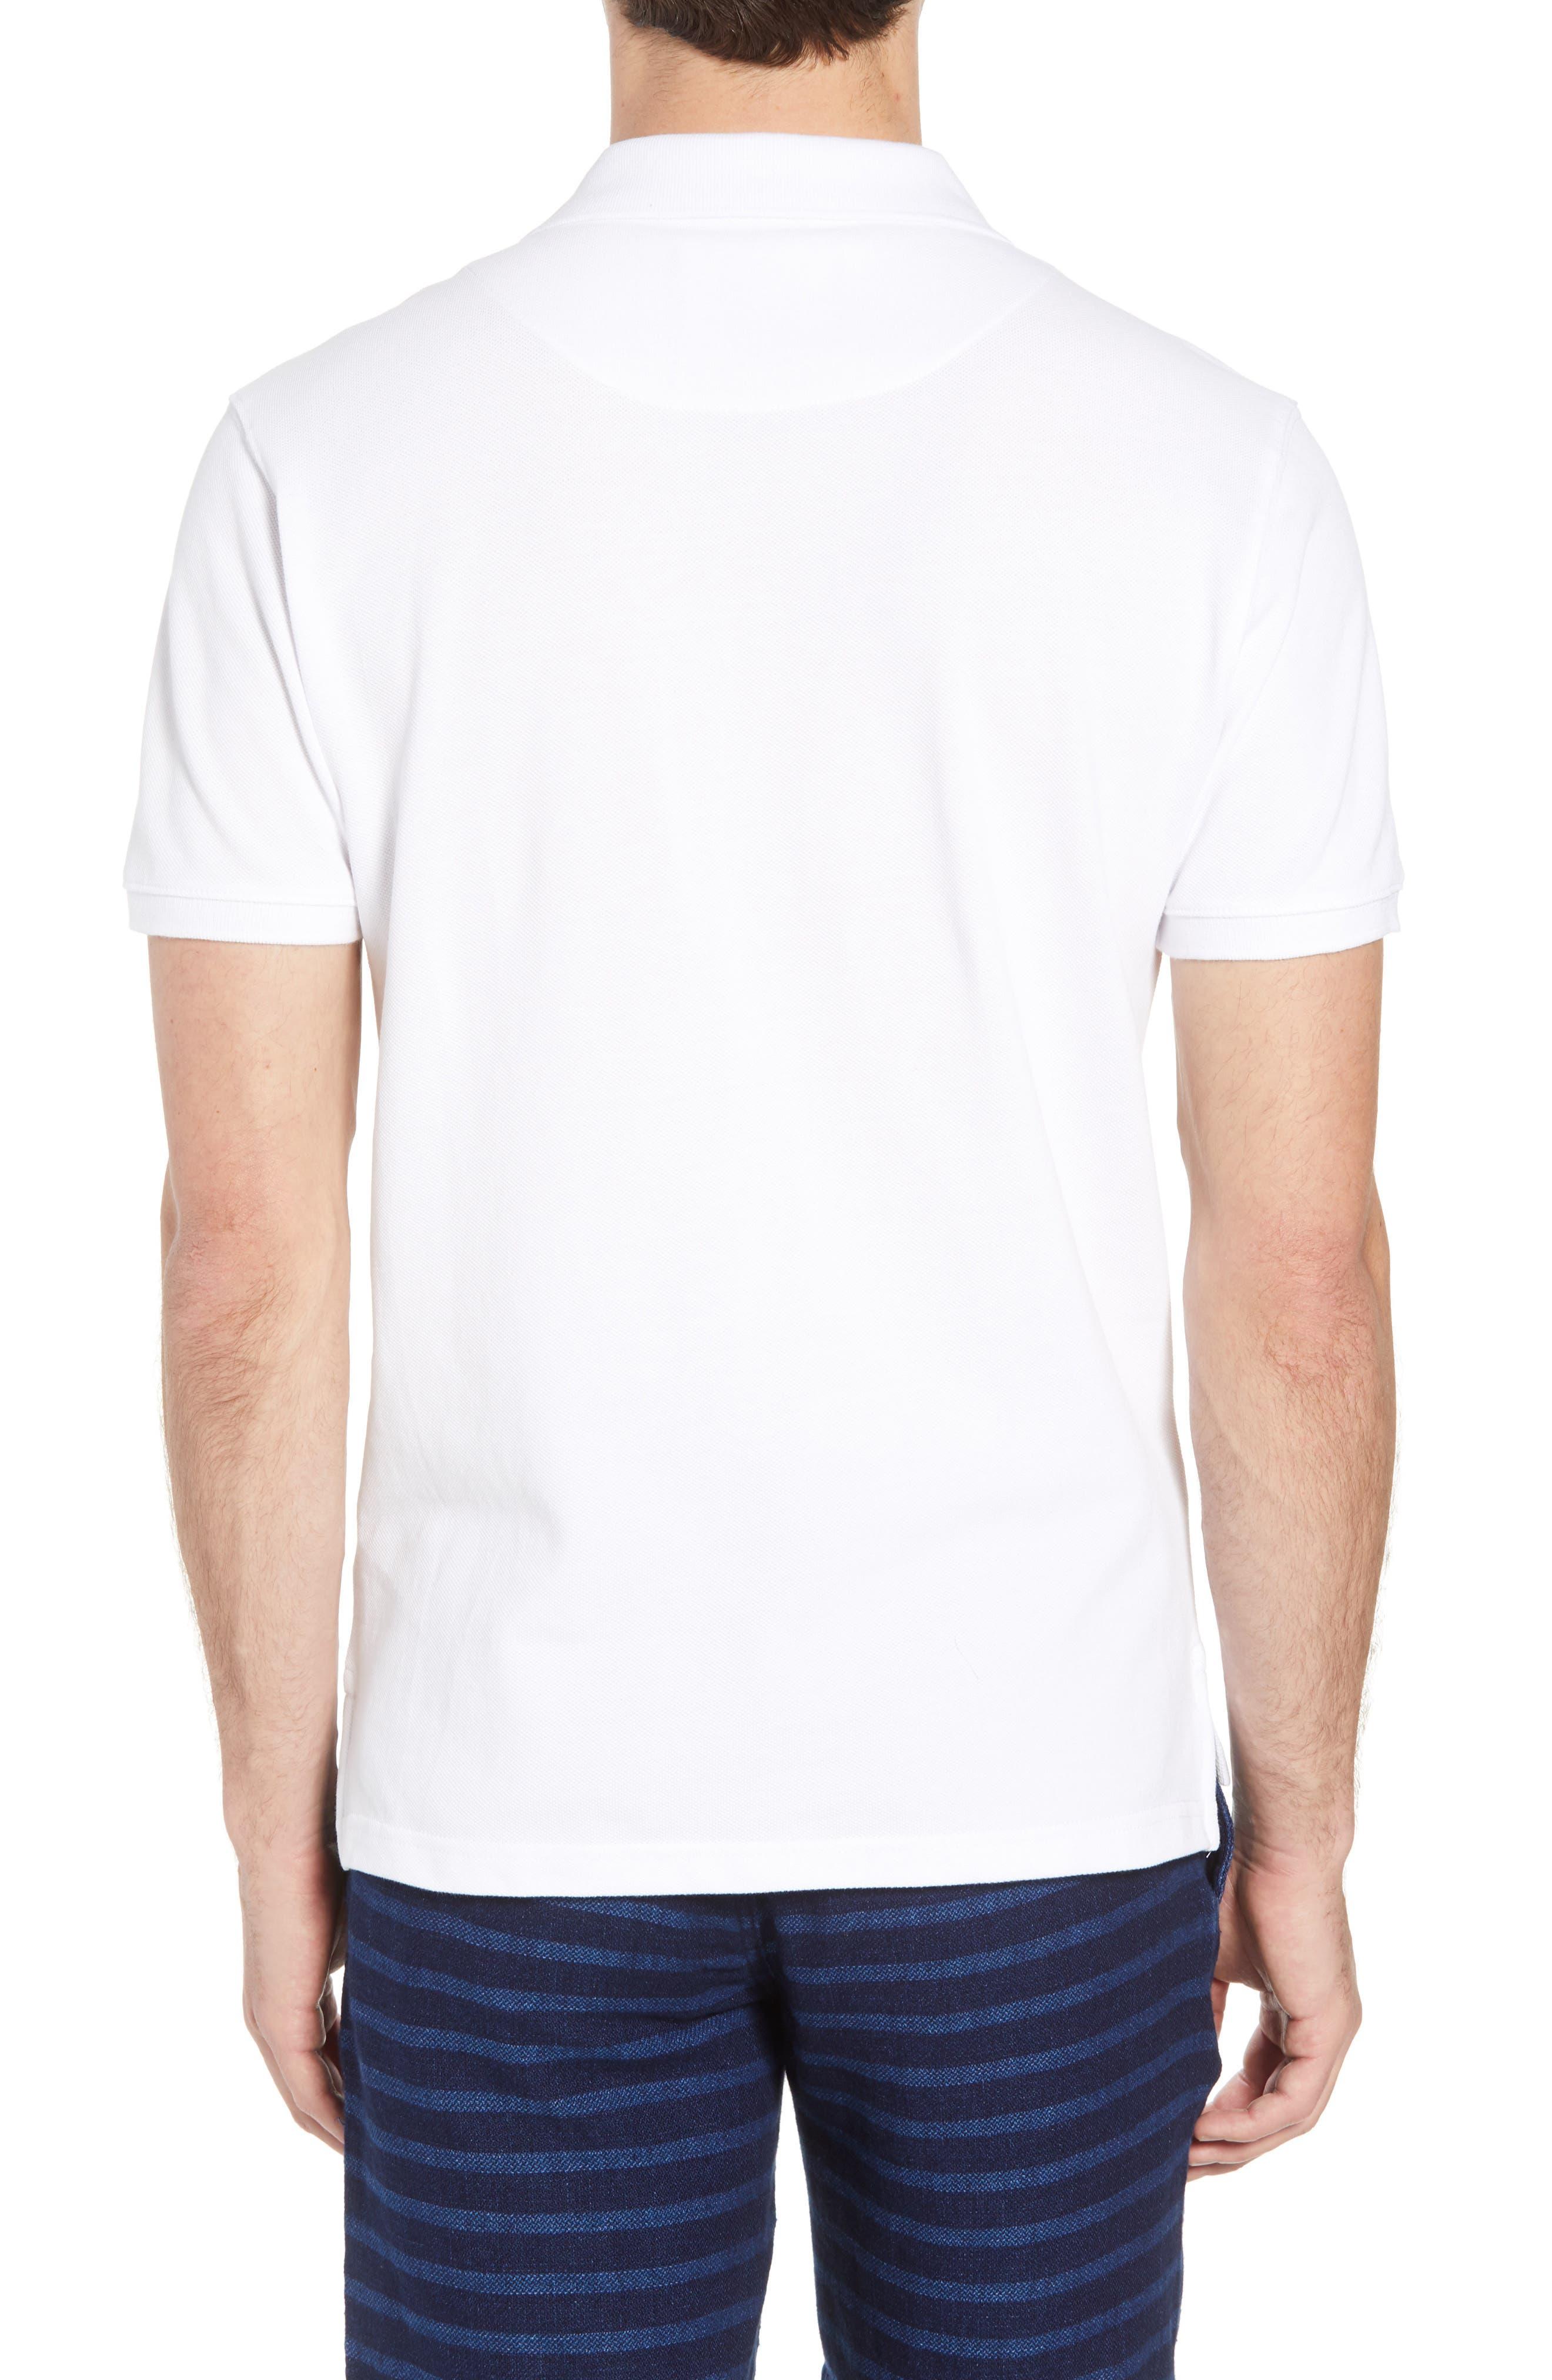 Alternate Image 2  - Rodd & Gunn 'The Gunn' Piqué Sports Fit Cotton Polo